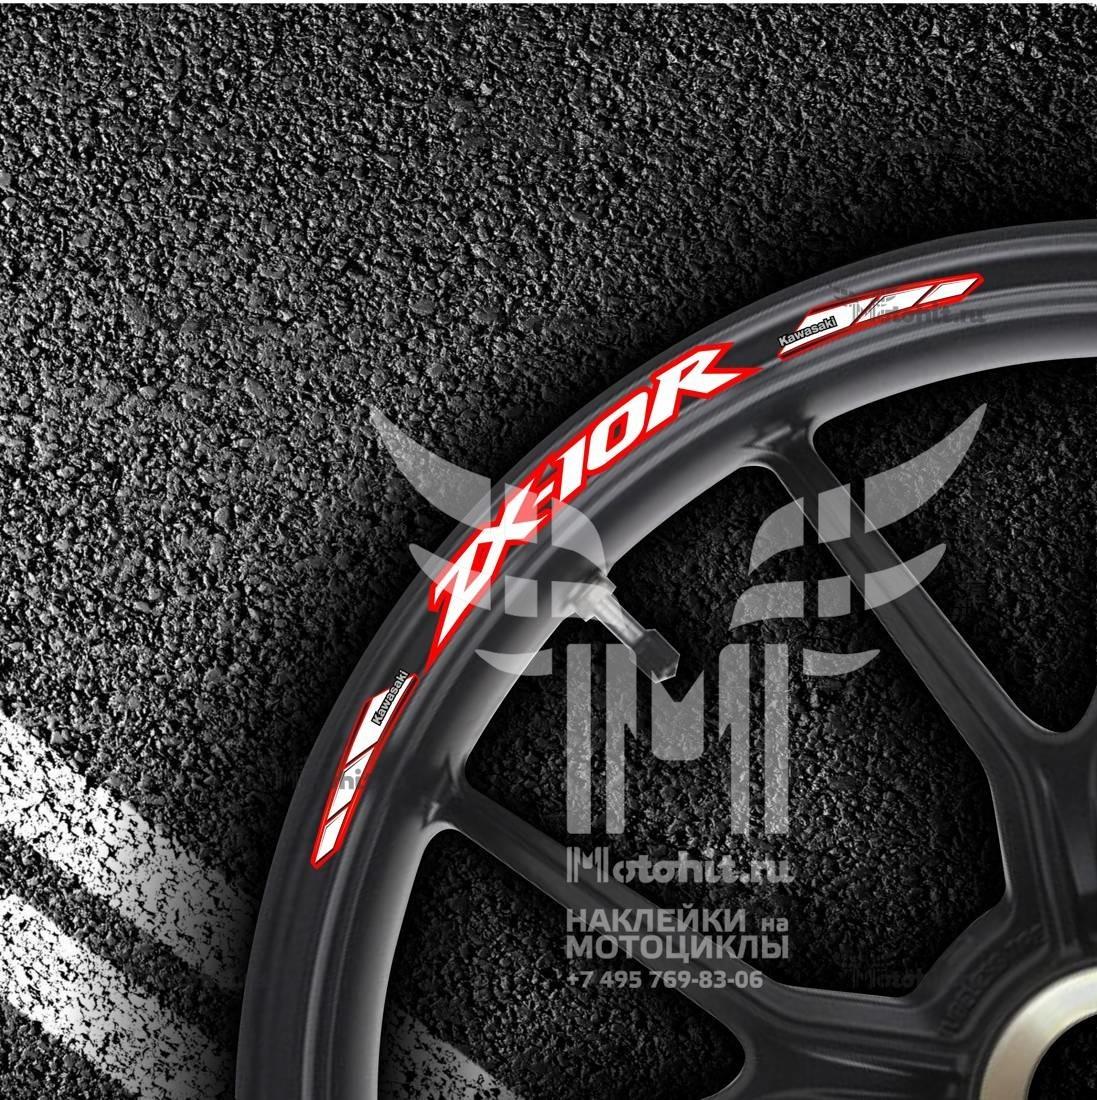 Комплект наклеек на обод колеса мотоцикла KAWASAKI ZX-10R